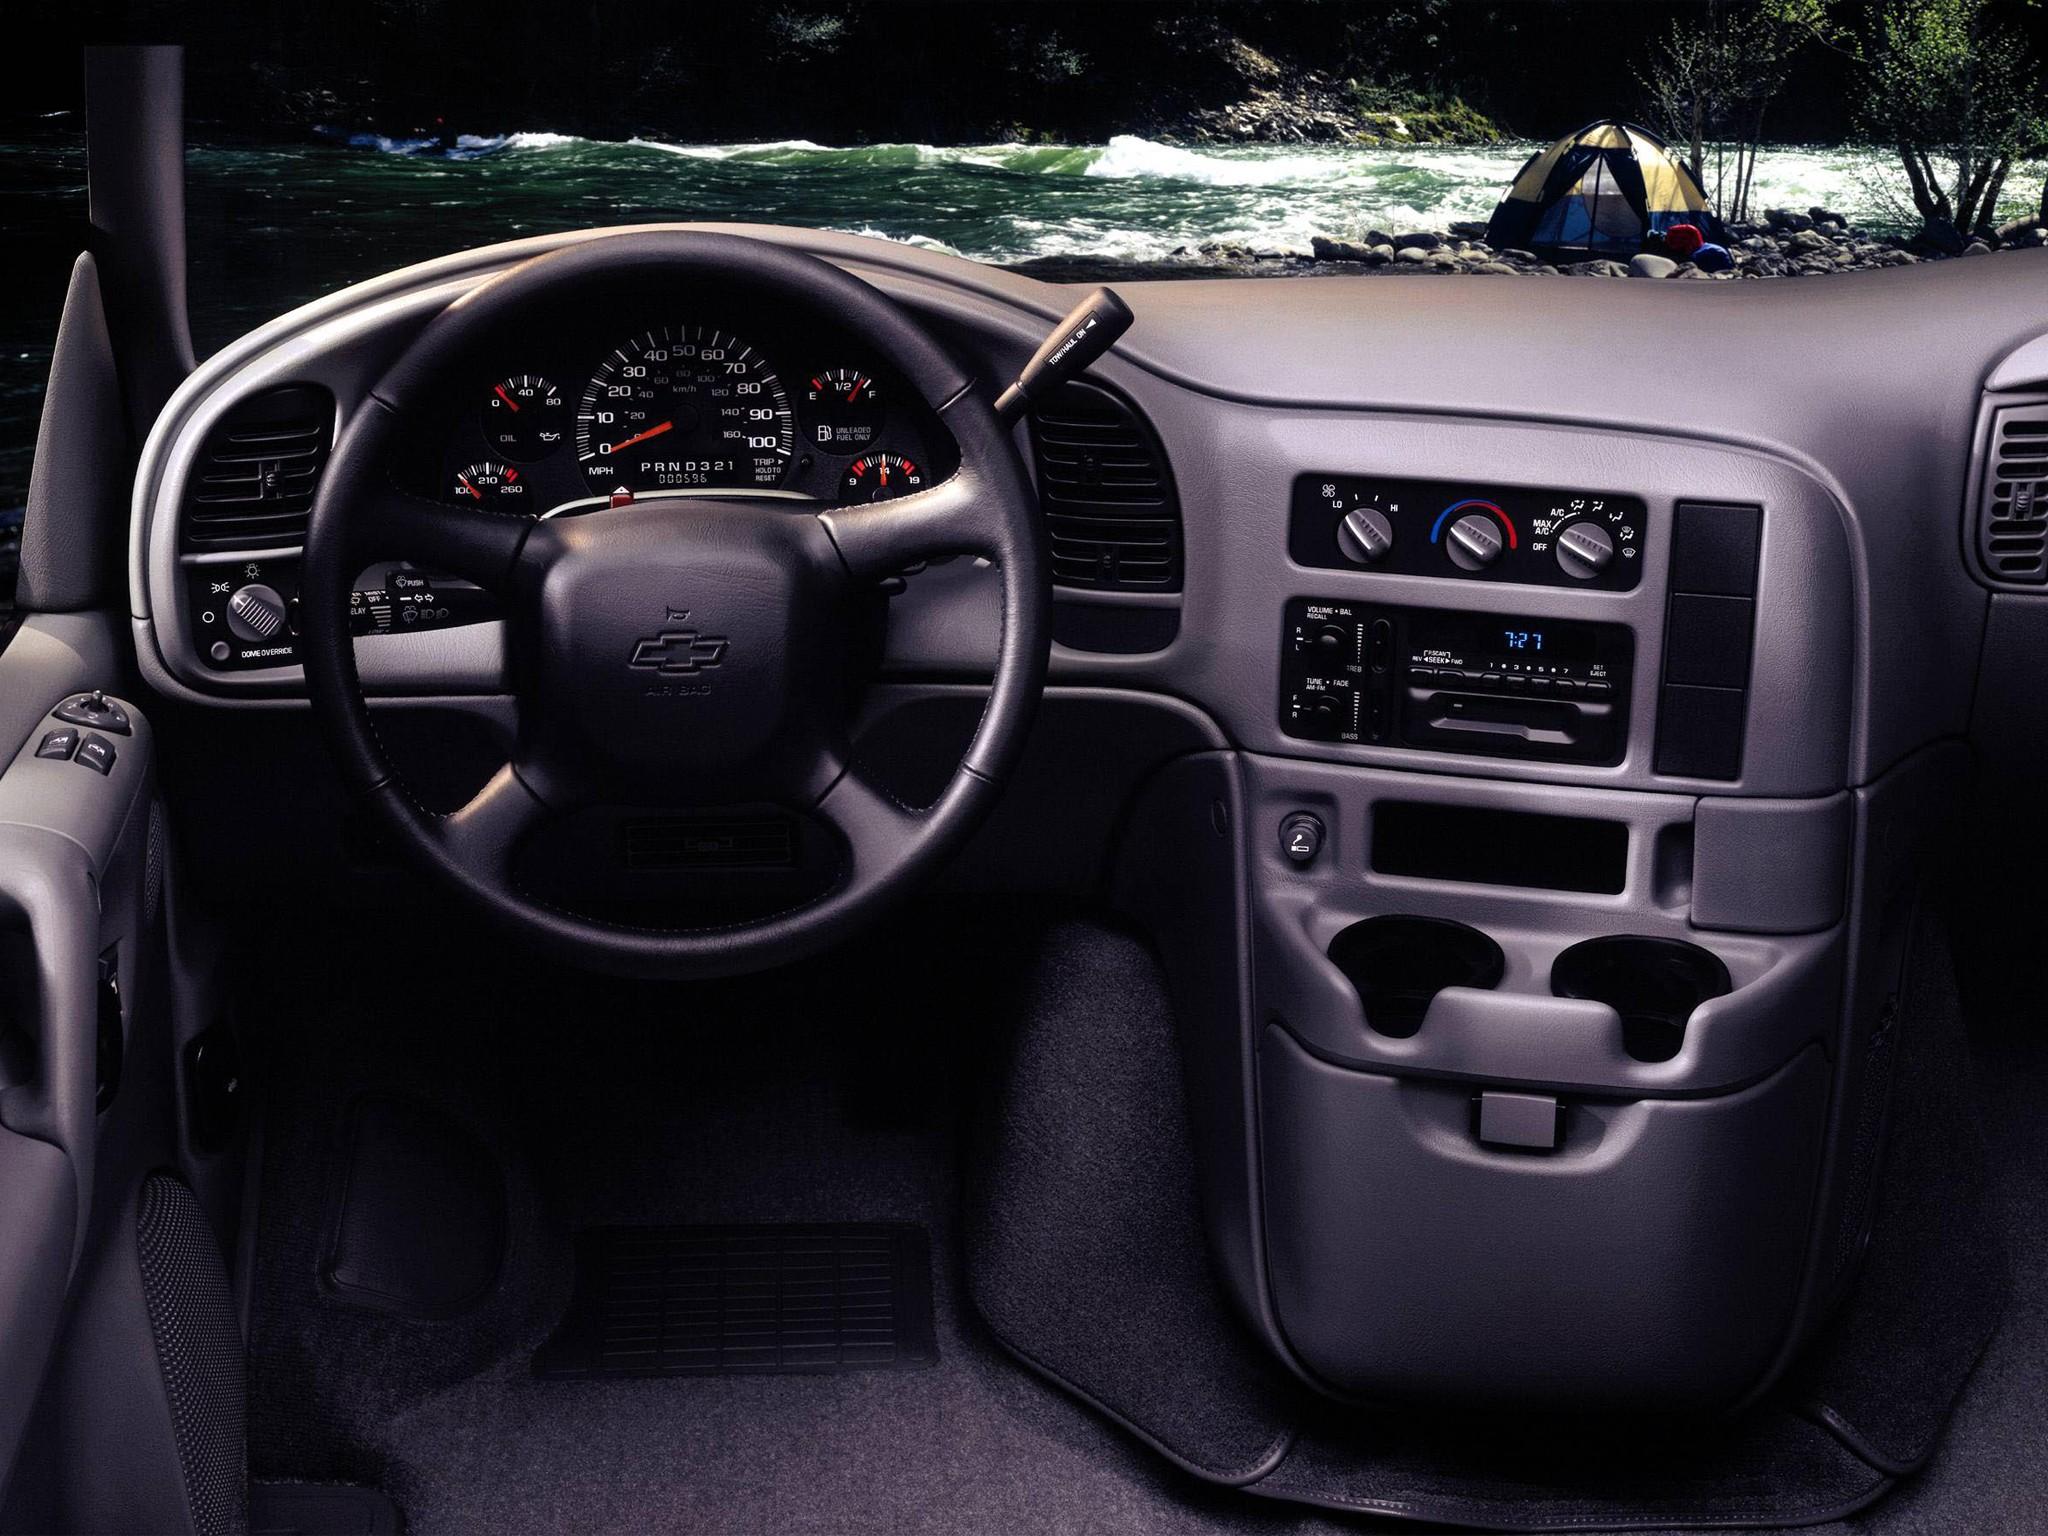 General Auto Parts >> CHEVROLET Astro - 1994, 1995, 1996, 1997, 1998, 1999, 2000 ...